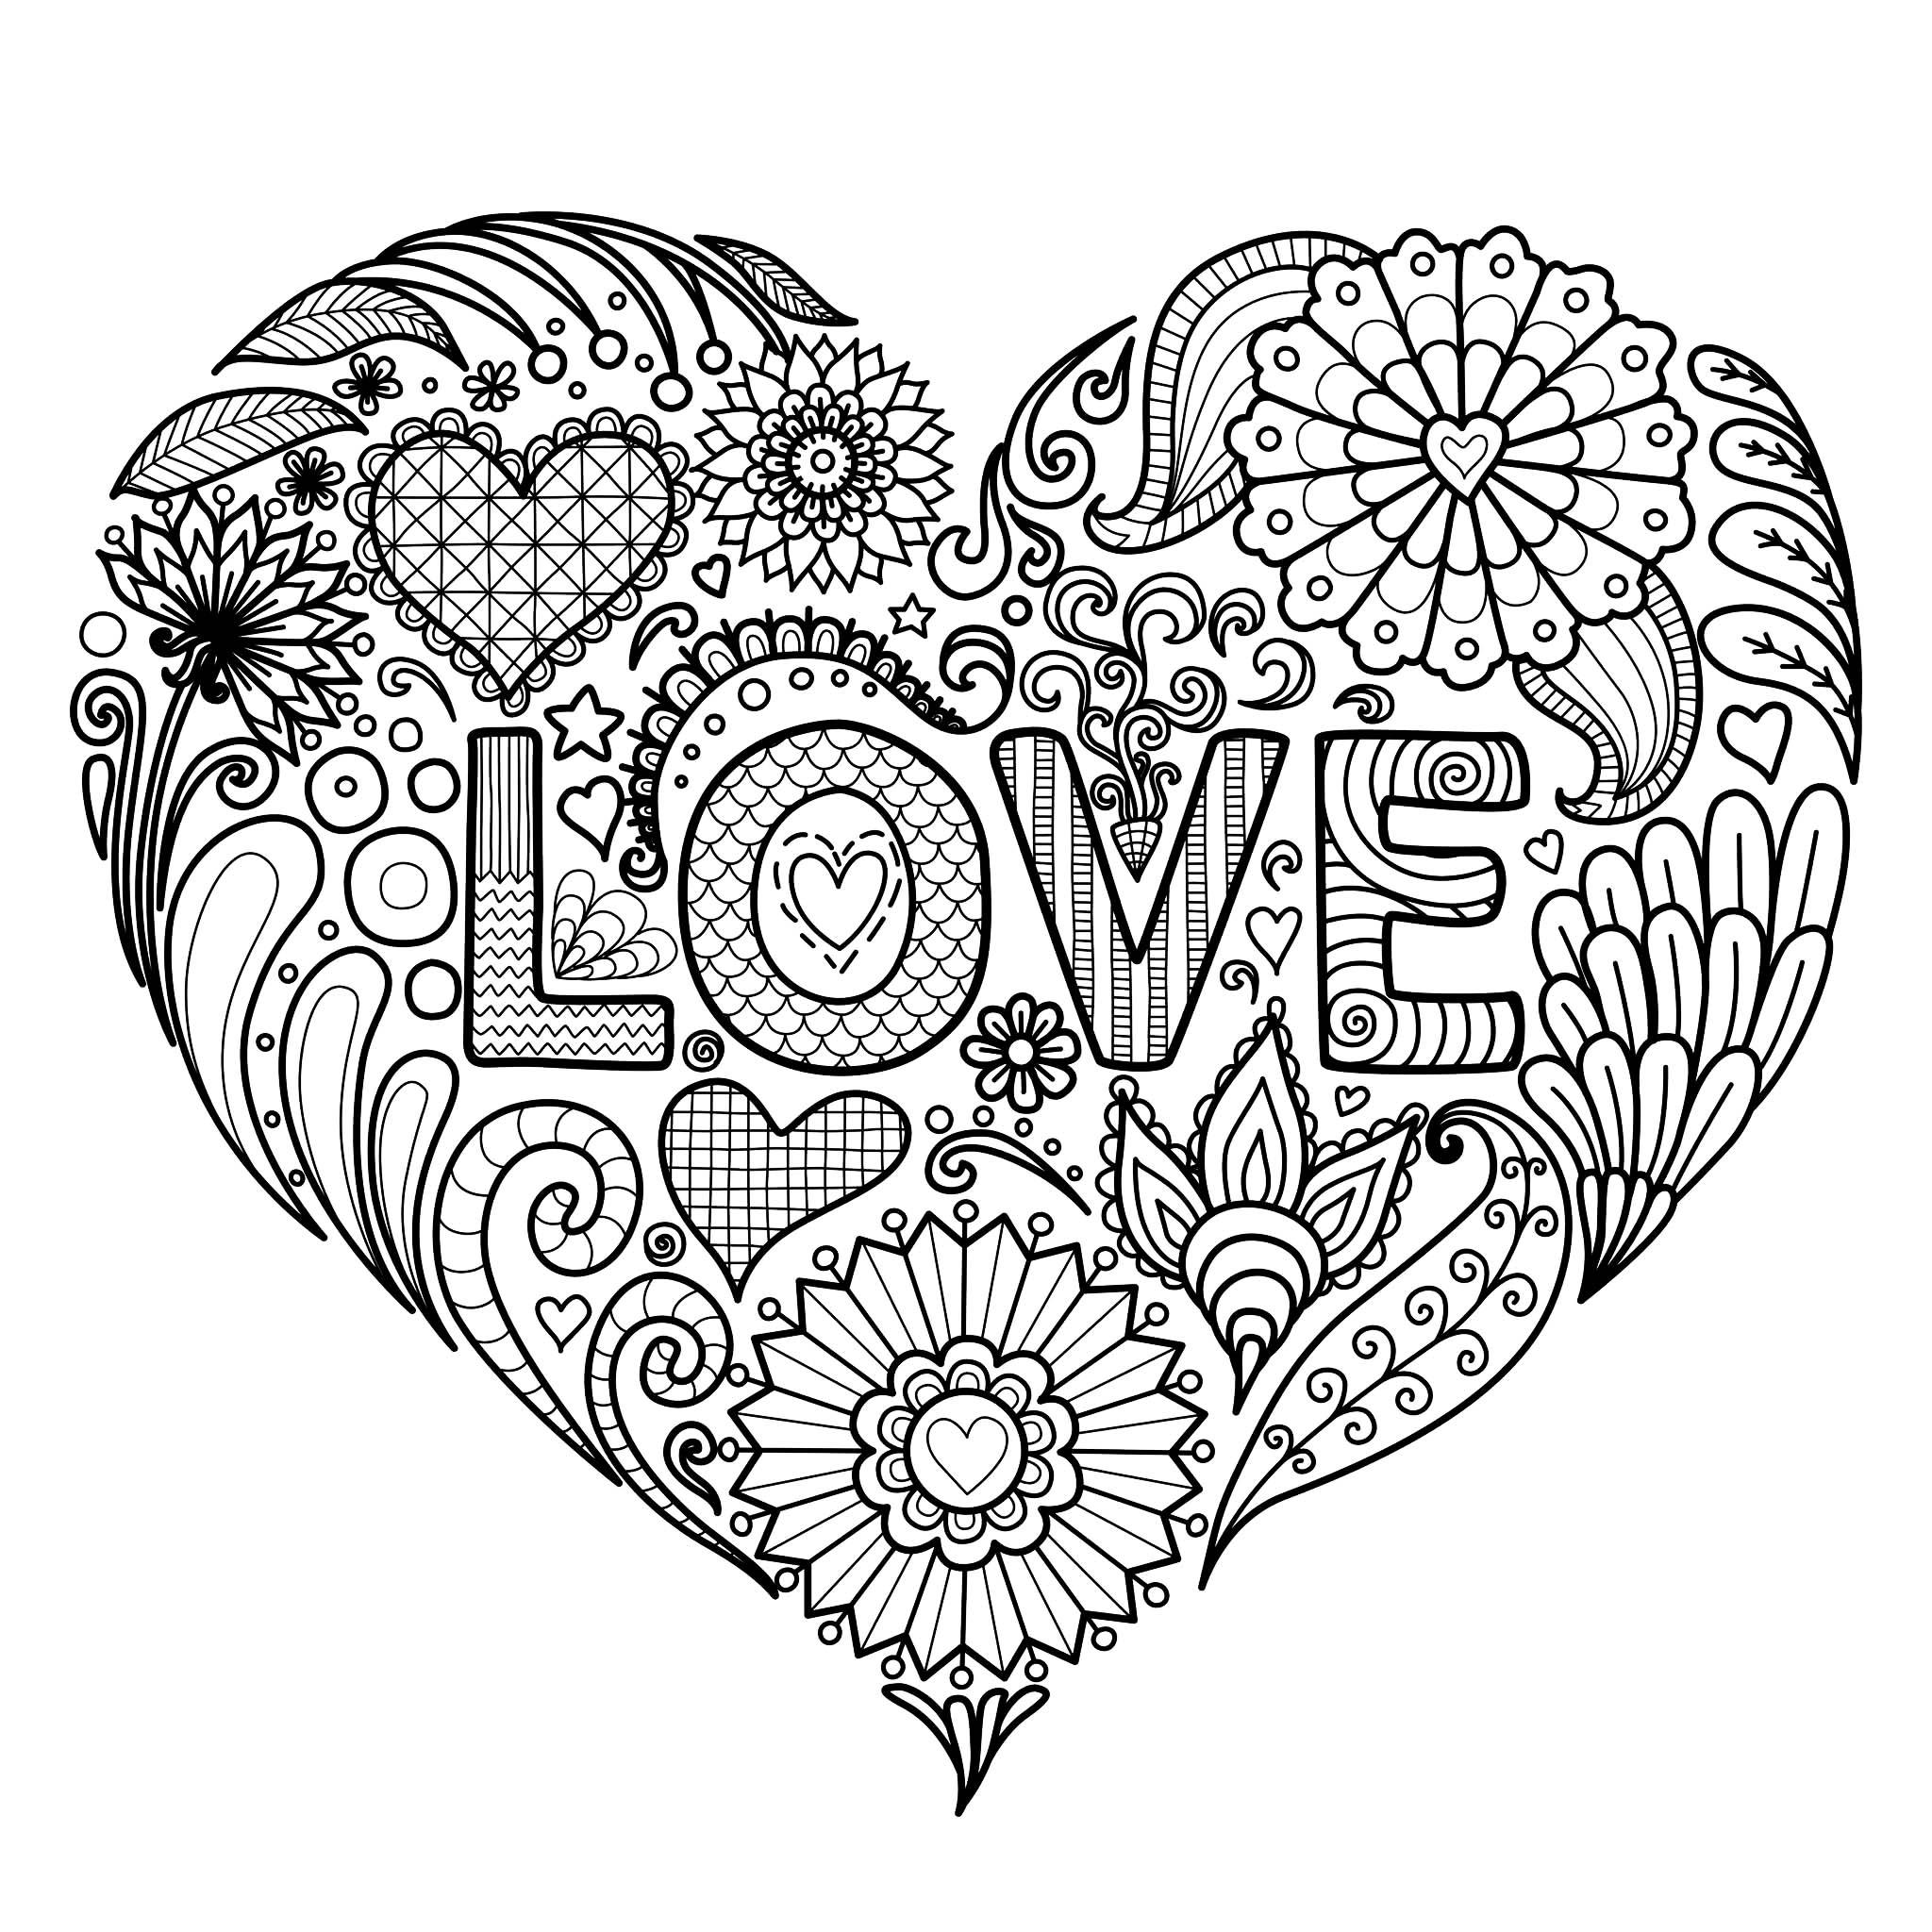 Disegni da Colorare per Adulti : San Valentino - 2